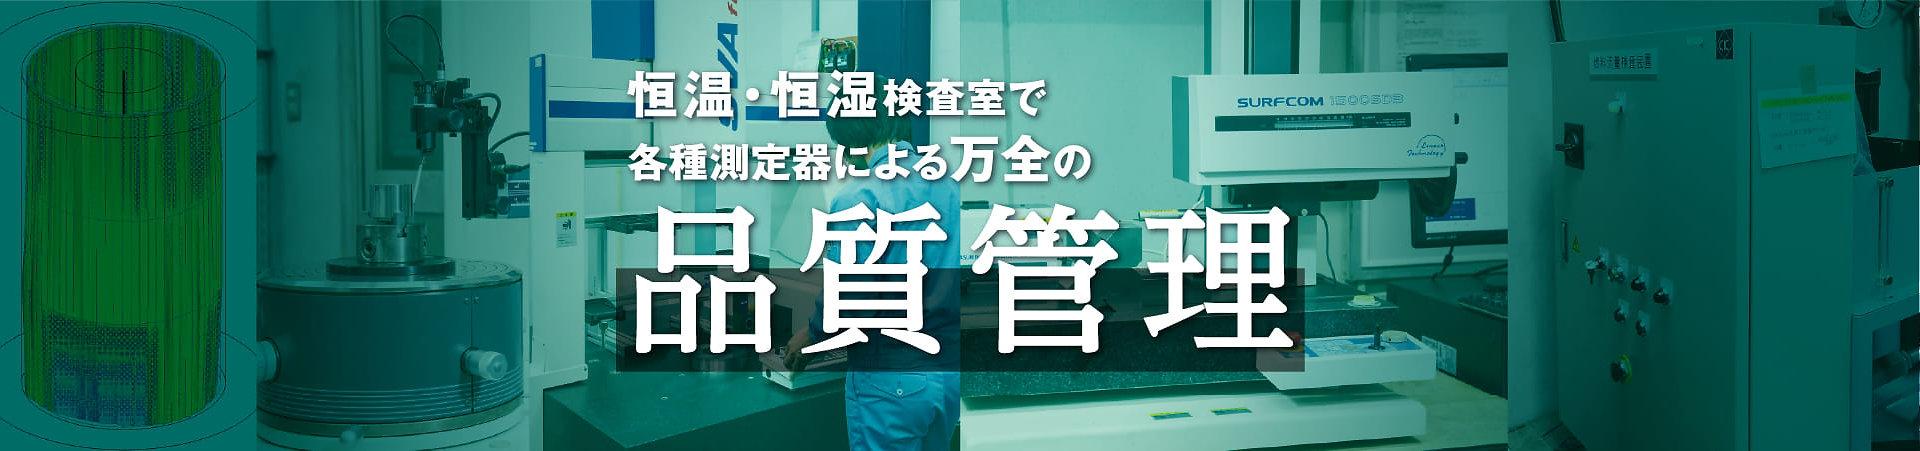 下層トップビジュアルT_005.jpg